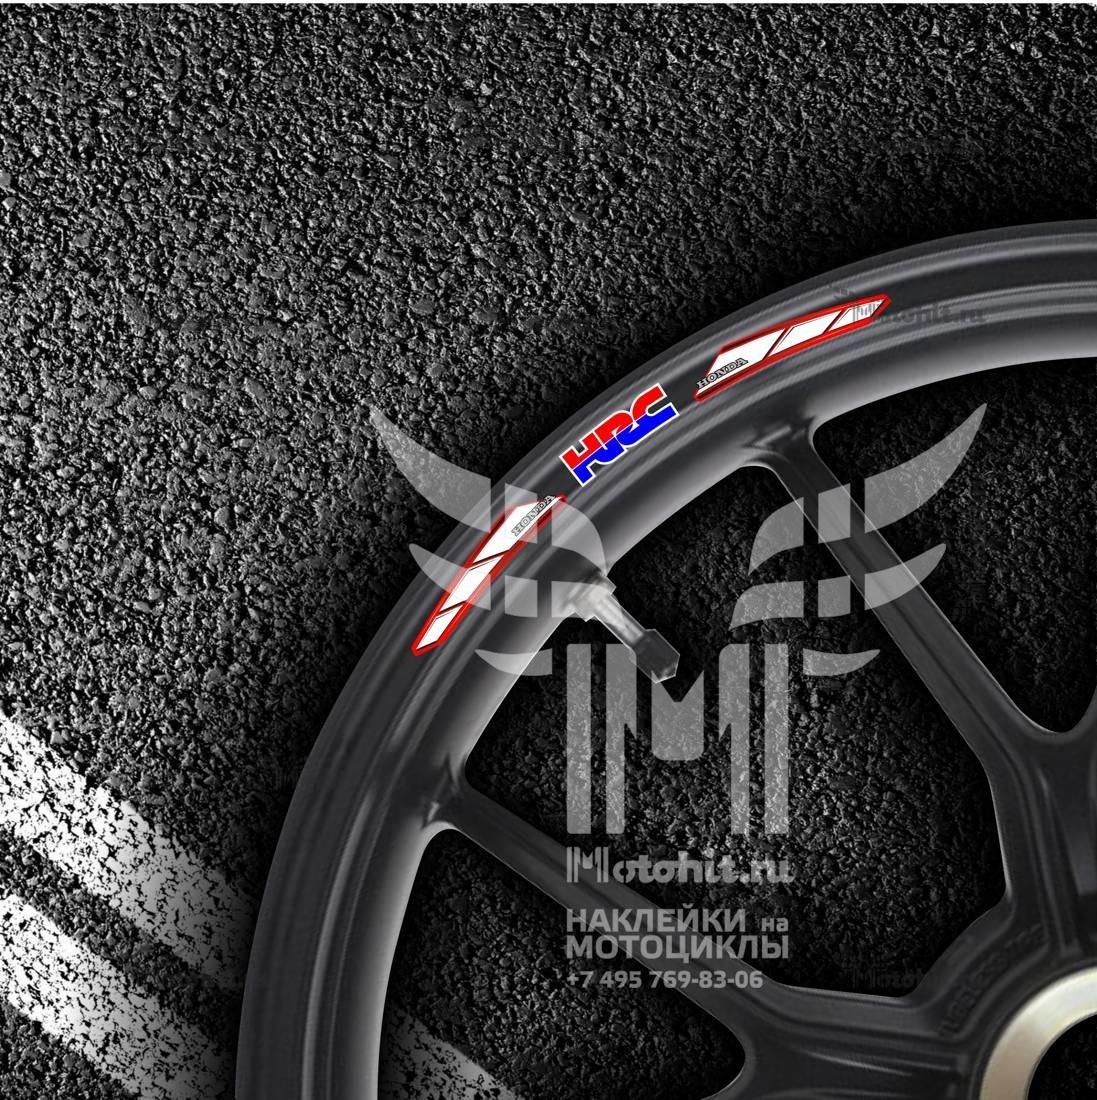 Комплект наклеек на обод колеса мотоцикла HONDA HRC